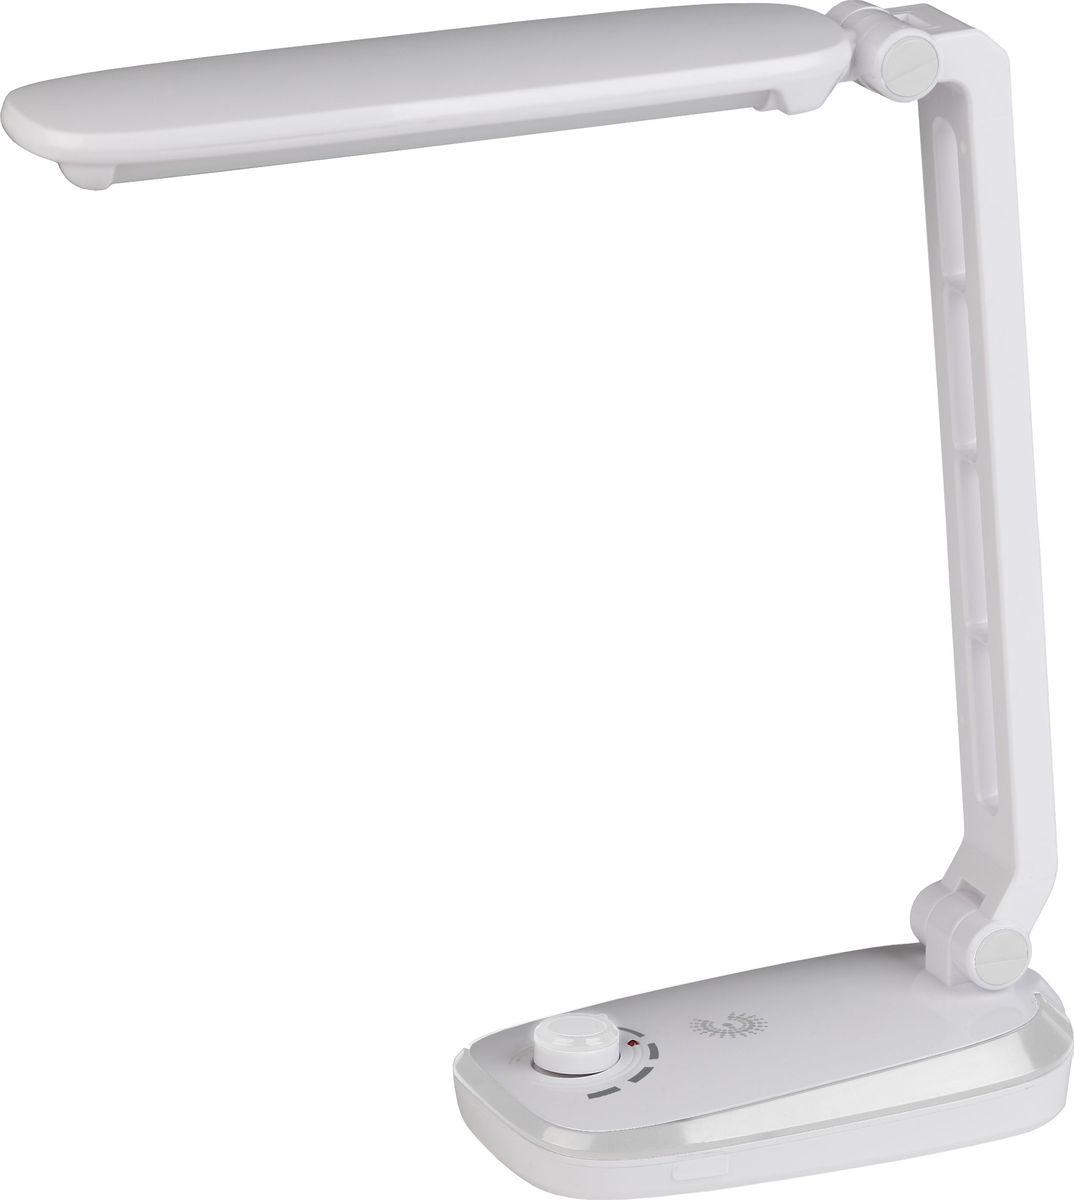 Настольный светильник ЭРА, цвет: белый. NLED-425-4W-WNLED-425-4W-WНастольный светильник ЭРА - светильник со светодиодами (LED) в качестве источников света, которые экономят до 90% электроэнергии и не требуют замены на протяжении всего срока службы светильника.Аккумулятор для автономной работы до 4 часов.Плавная регулировка яркости.Съемный сетевой шнур в комплекте. Устойчивое основание.Складная конструкция.Направление света регулируется наклоном стойки и поворотом панели со светодиодами относительно стойки для максимального комфорта.Теплый свет, аналогичный свету лампы накаливания - цветовая температура 3000К.Класс энергоэффективности: A.Степень защиты от воздействия окружающей среды: IP20.Диапазон рабочих температур: + 5..+40°C.Класс защиты от поражения электрическим током: класс II.Количество светодиодов: 42 шт.